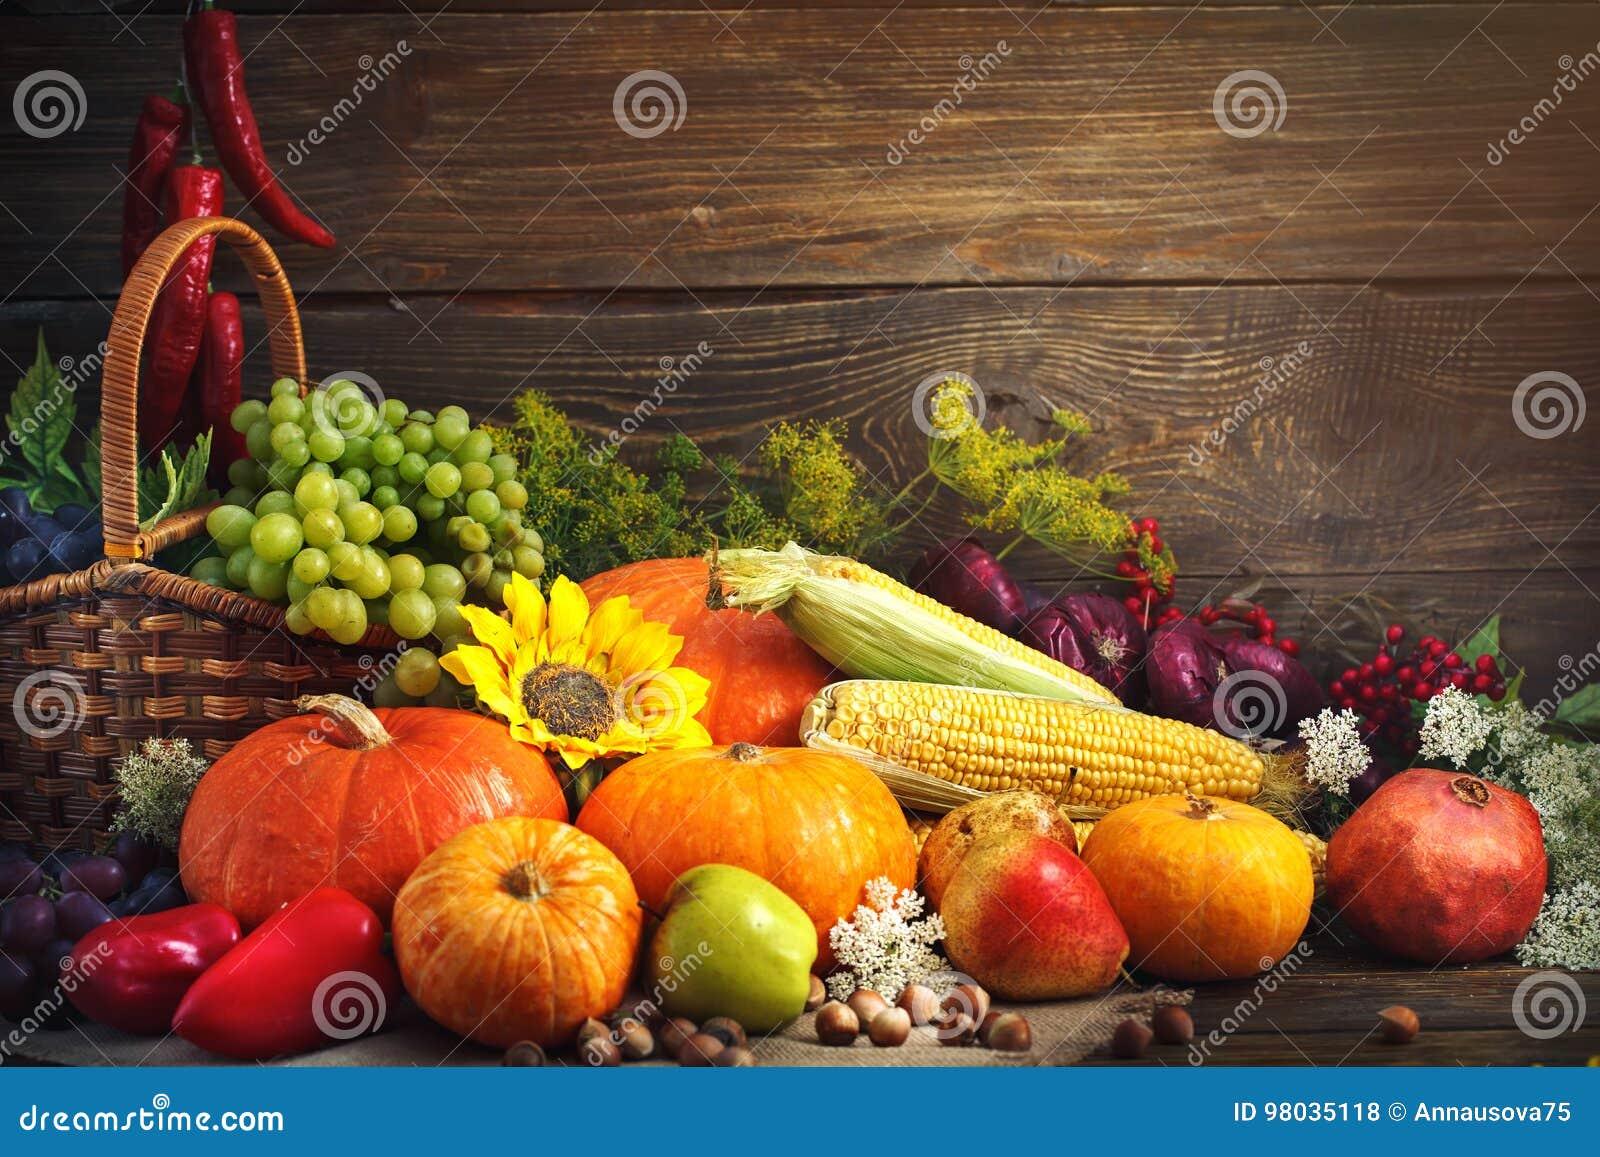 Lycklig tacksägelsedagbakgrund, trätabell som dekoreras med pumpor, majs, frukter och höstsidor